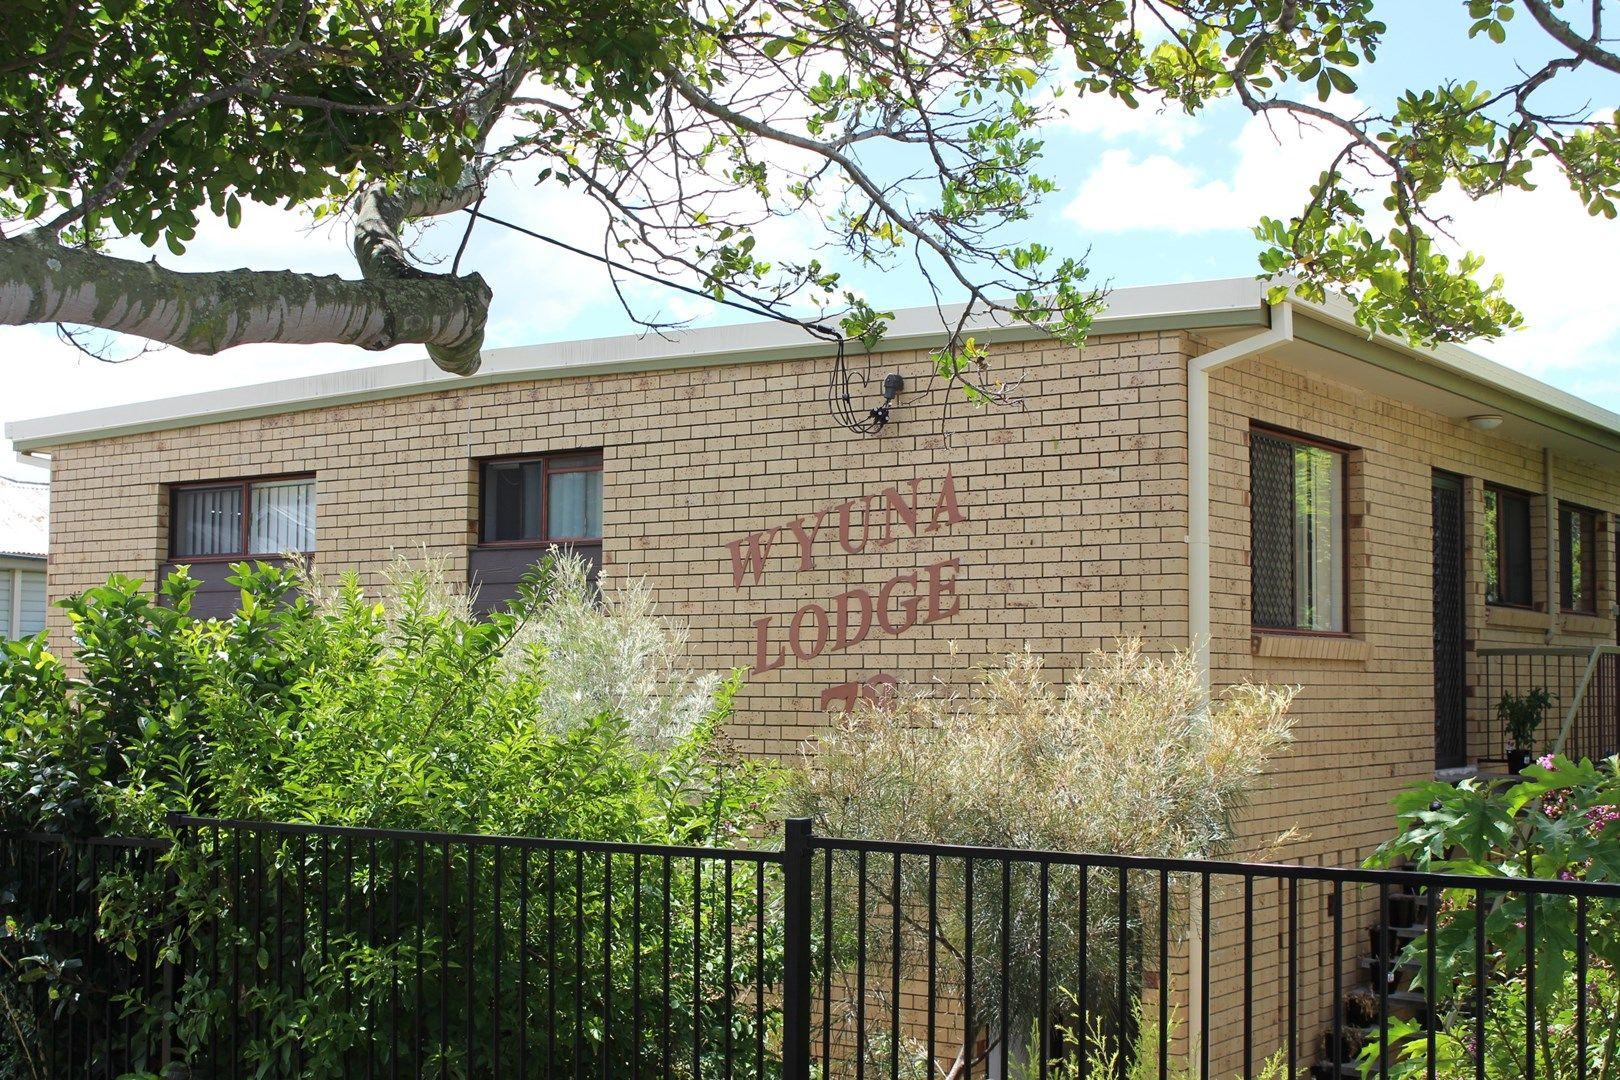 3/78 Chaucer Street, Moorooka QLD 4105, Image 0